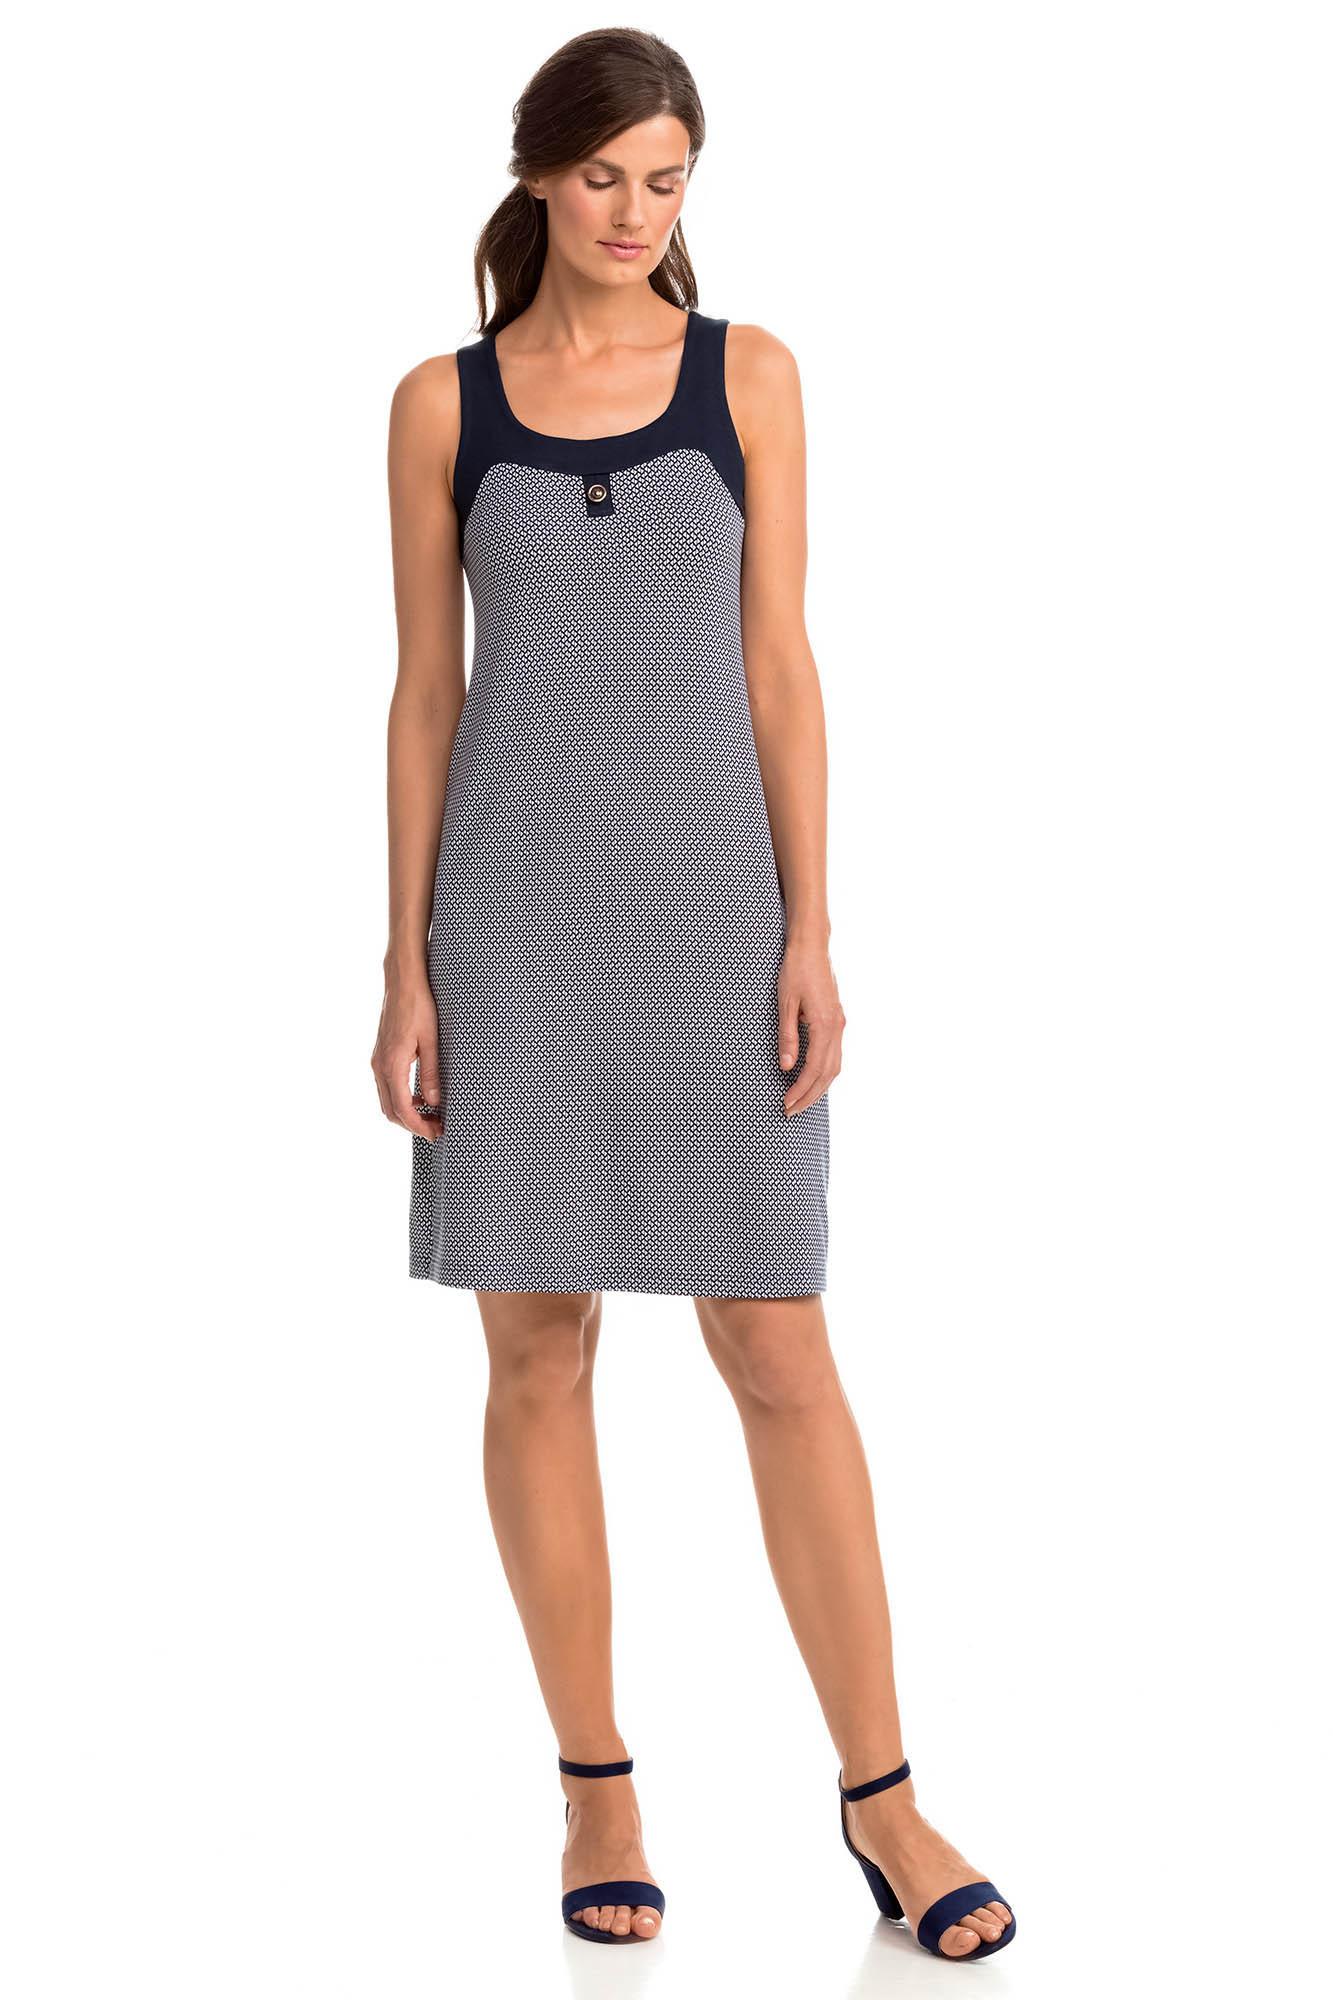 Vamp - Elegantné vzorované dámske šaty 14455 - Vamp blue l